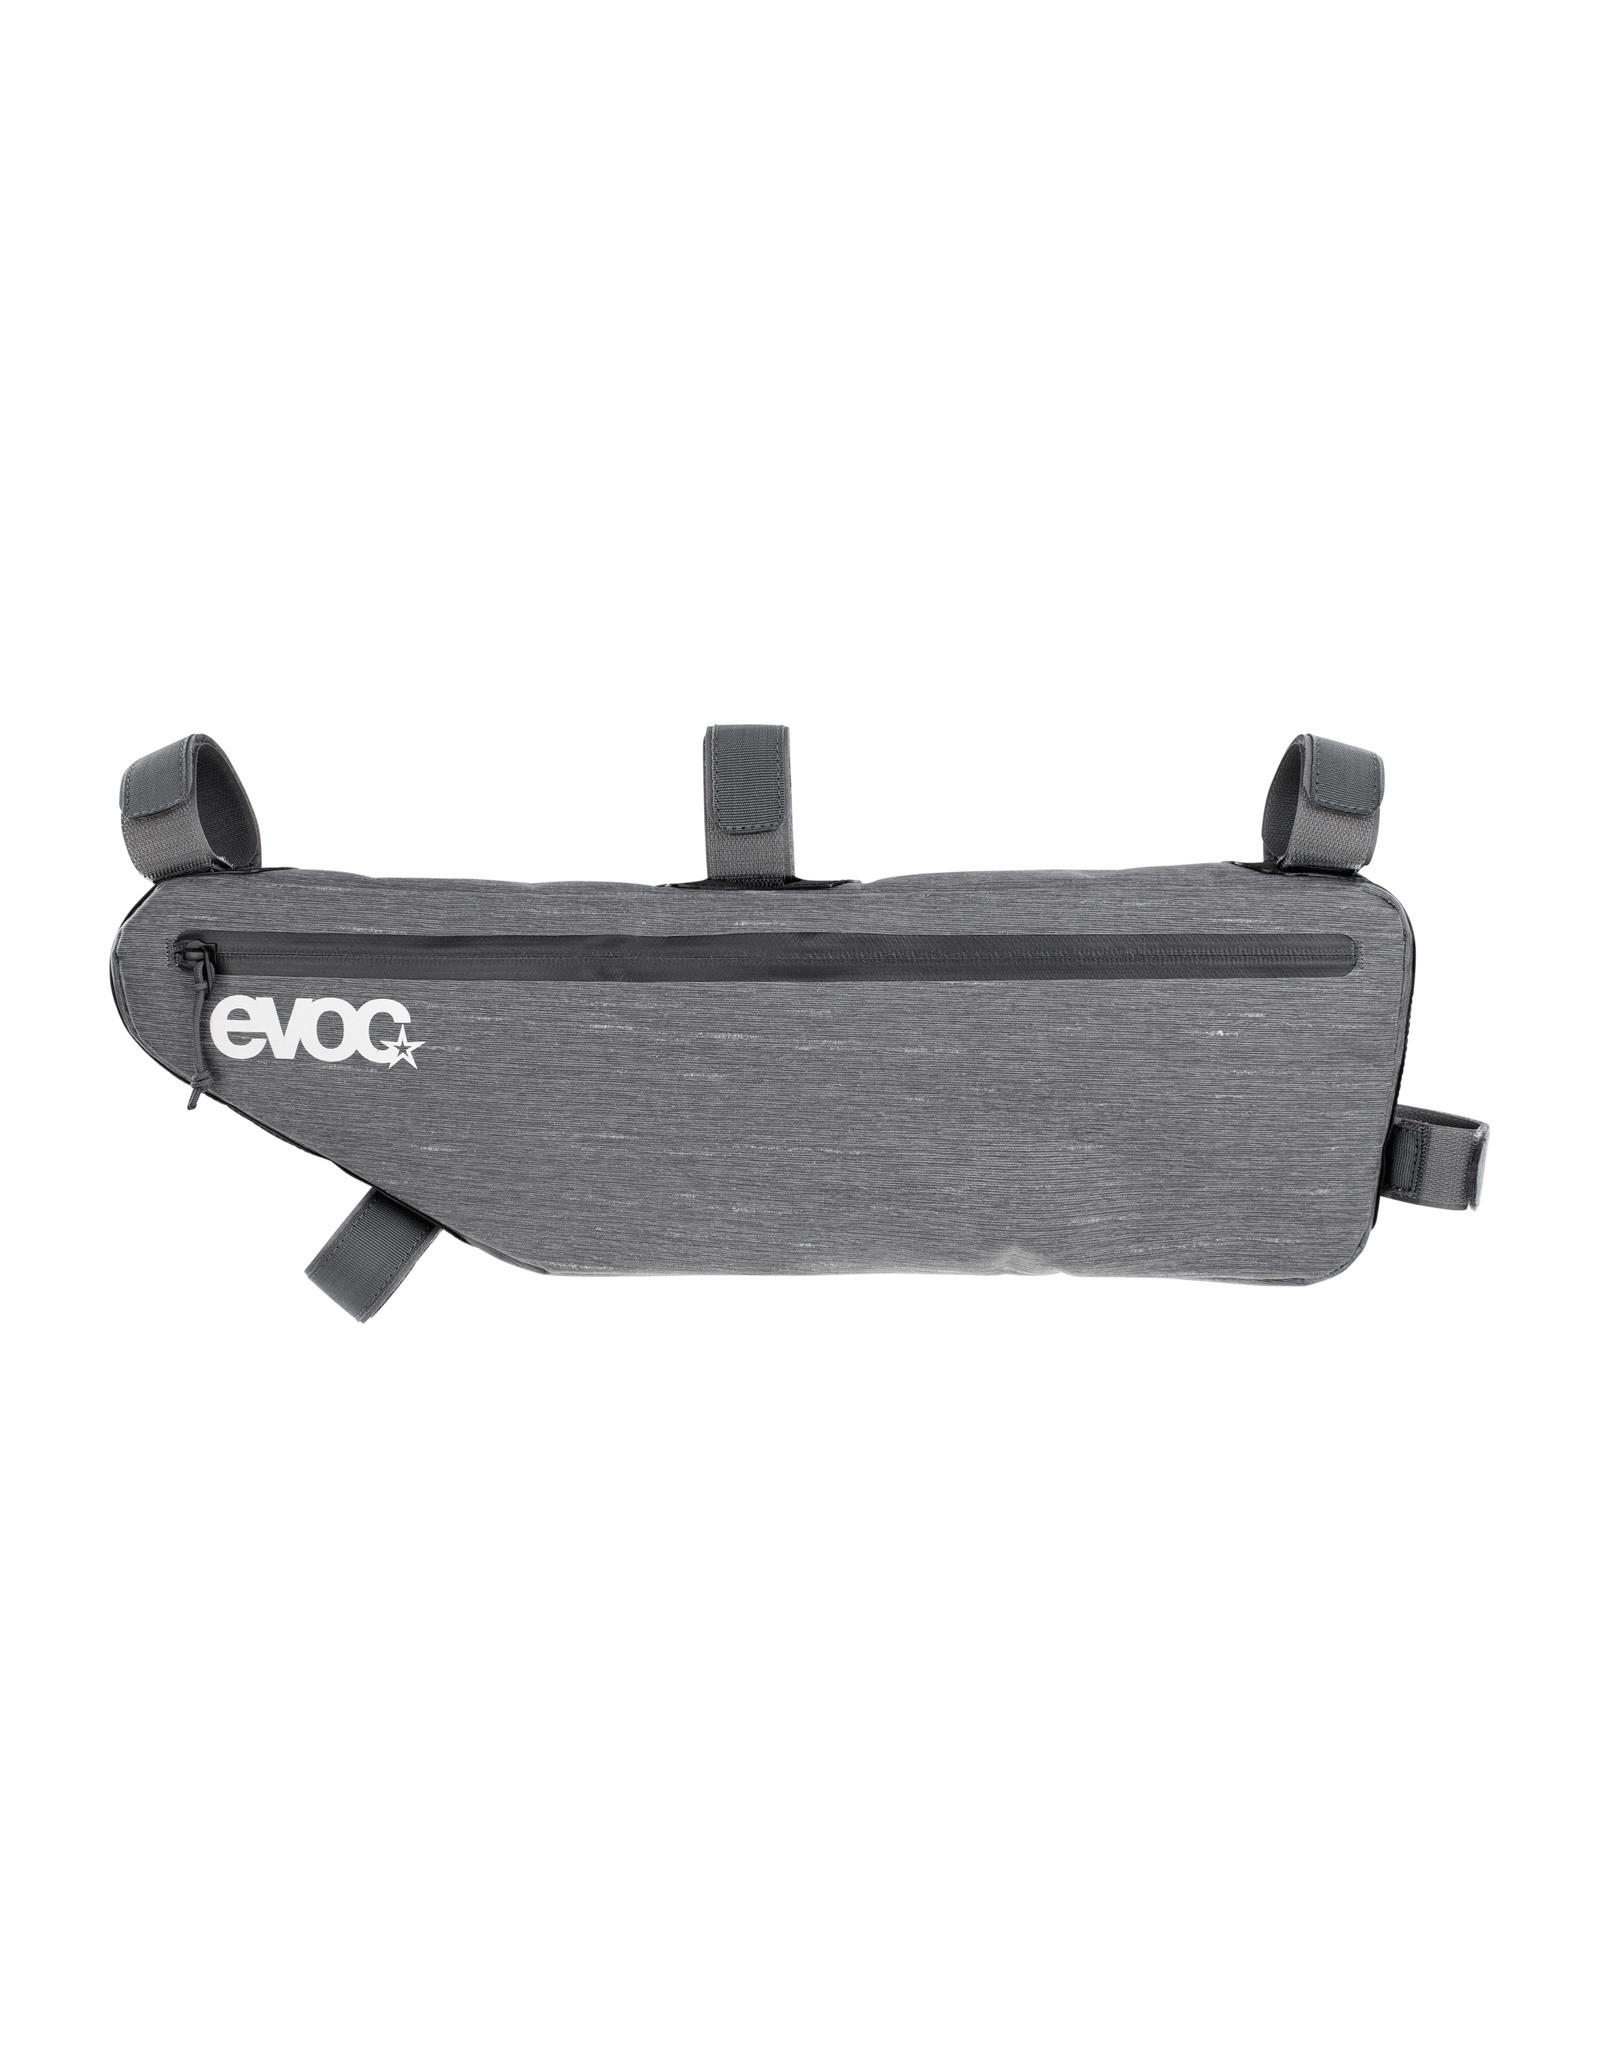 EVOC EVOC, Frame Pack, Sac de cadre, 3.5L, Carbone